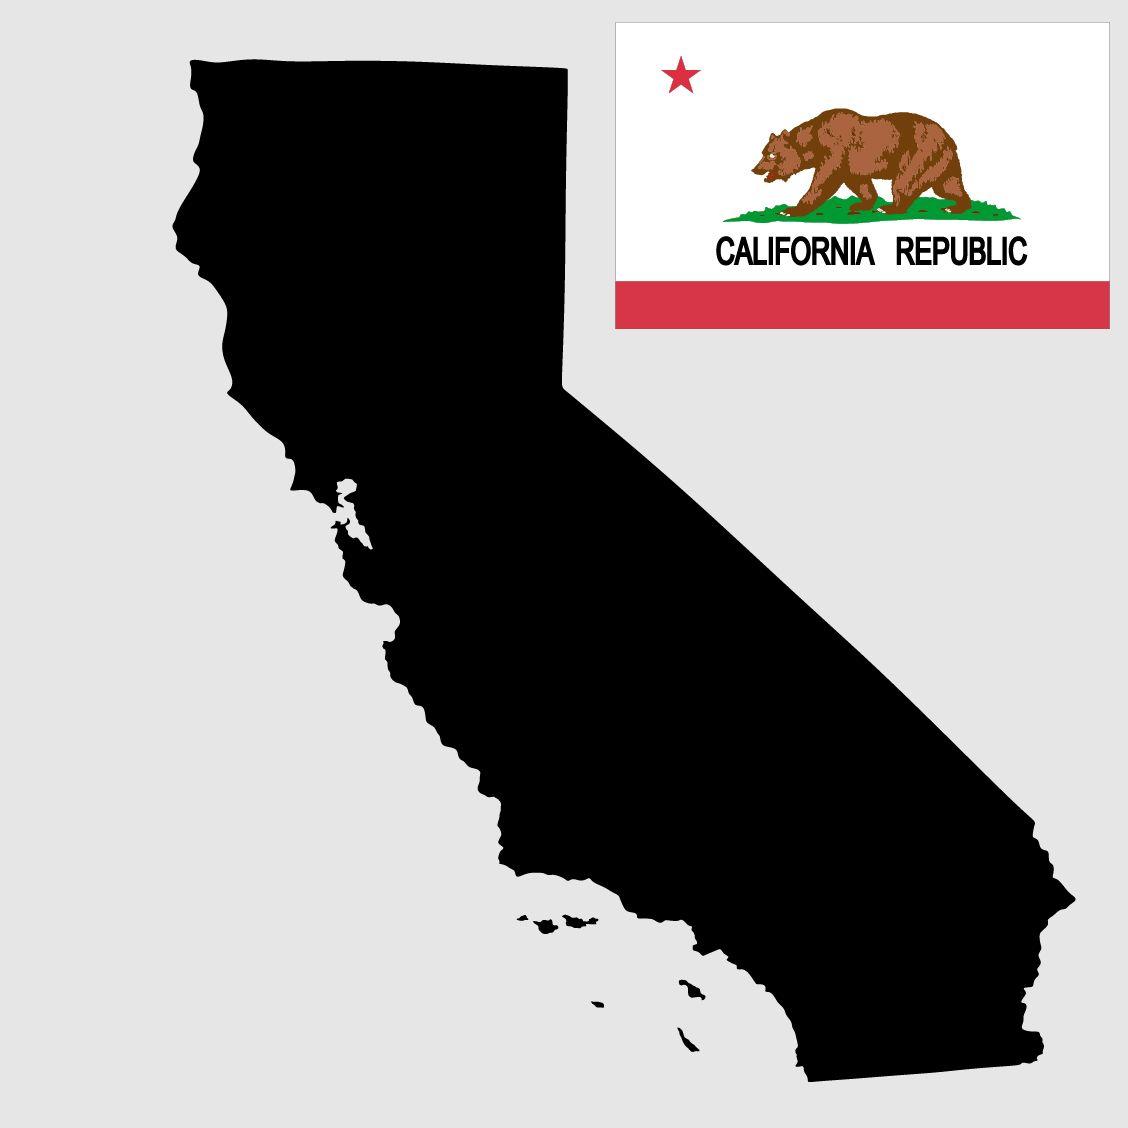 California Arrests Mugshot Removal - How to get CA mugshot